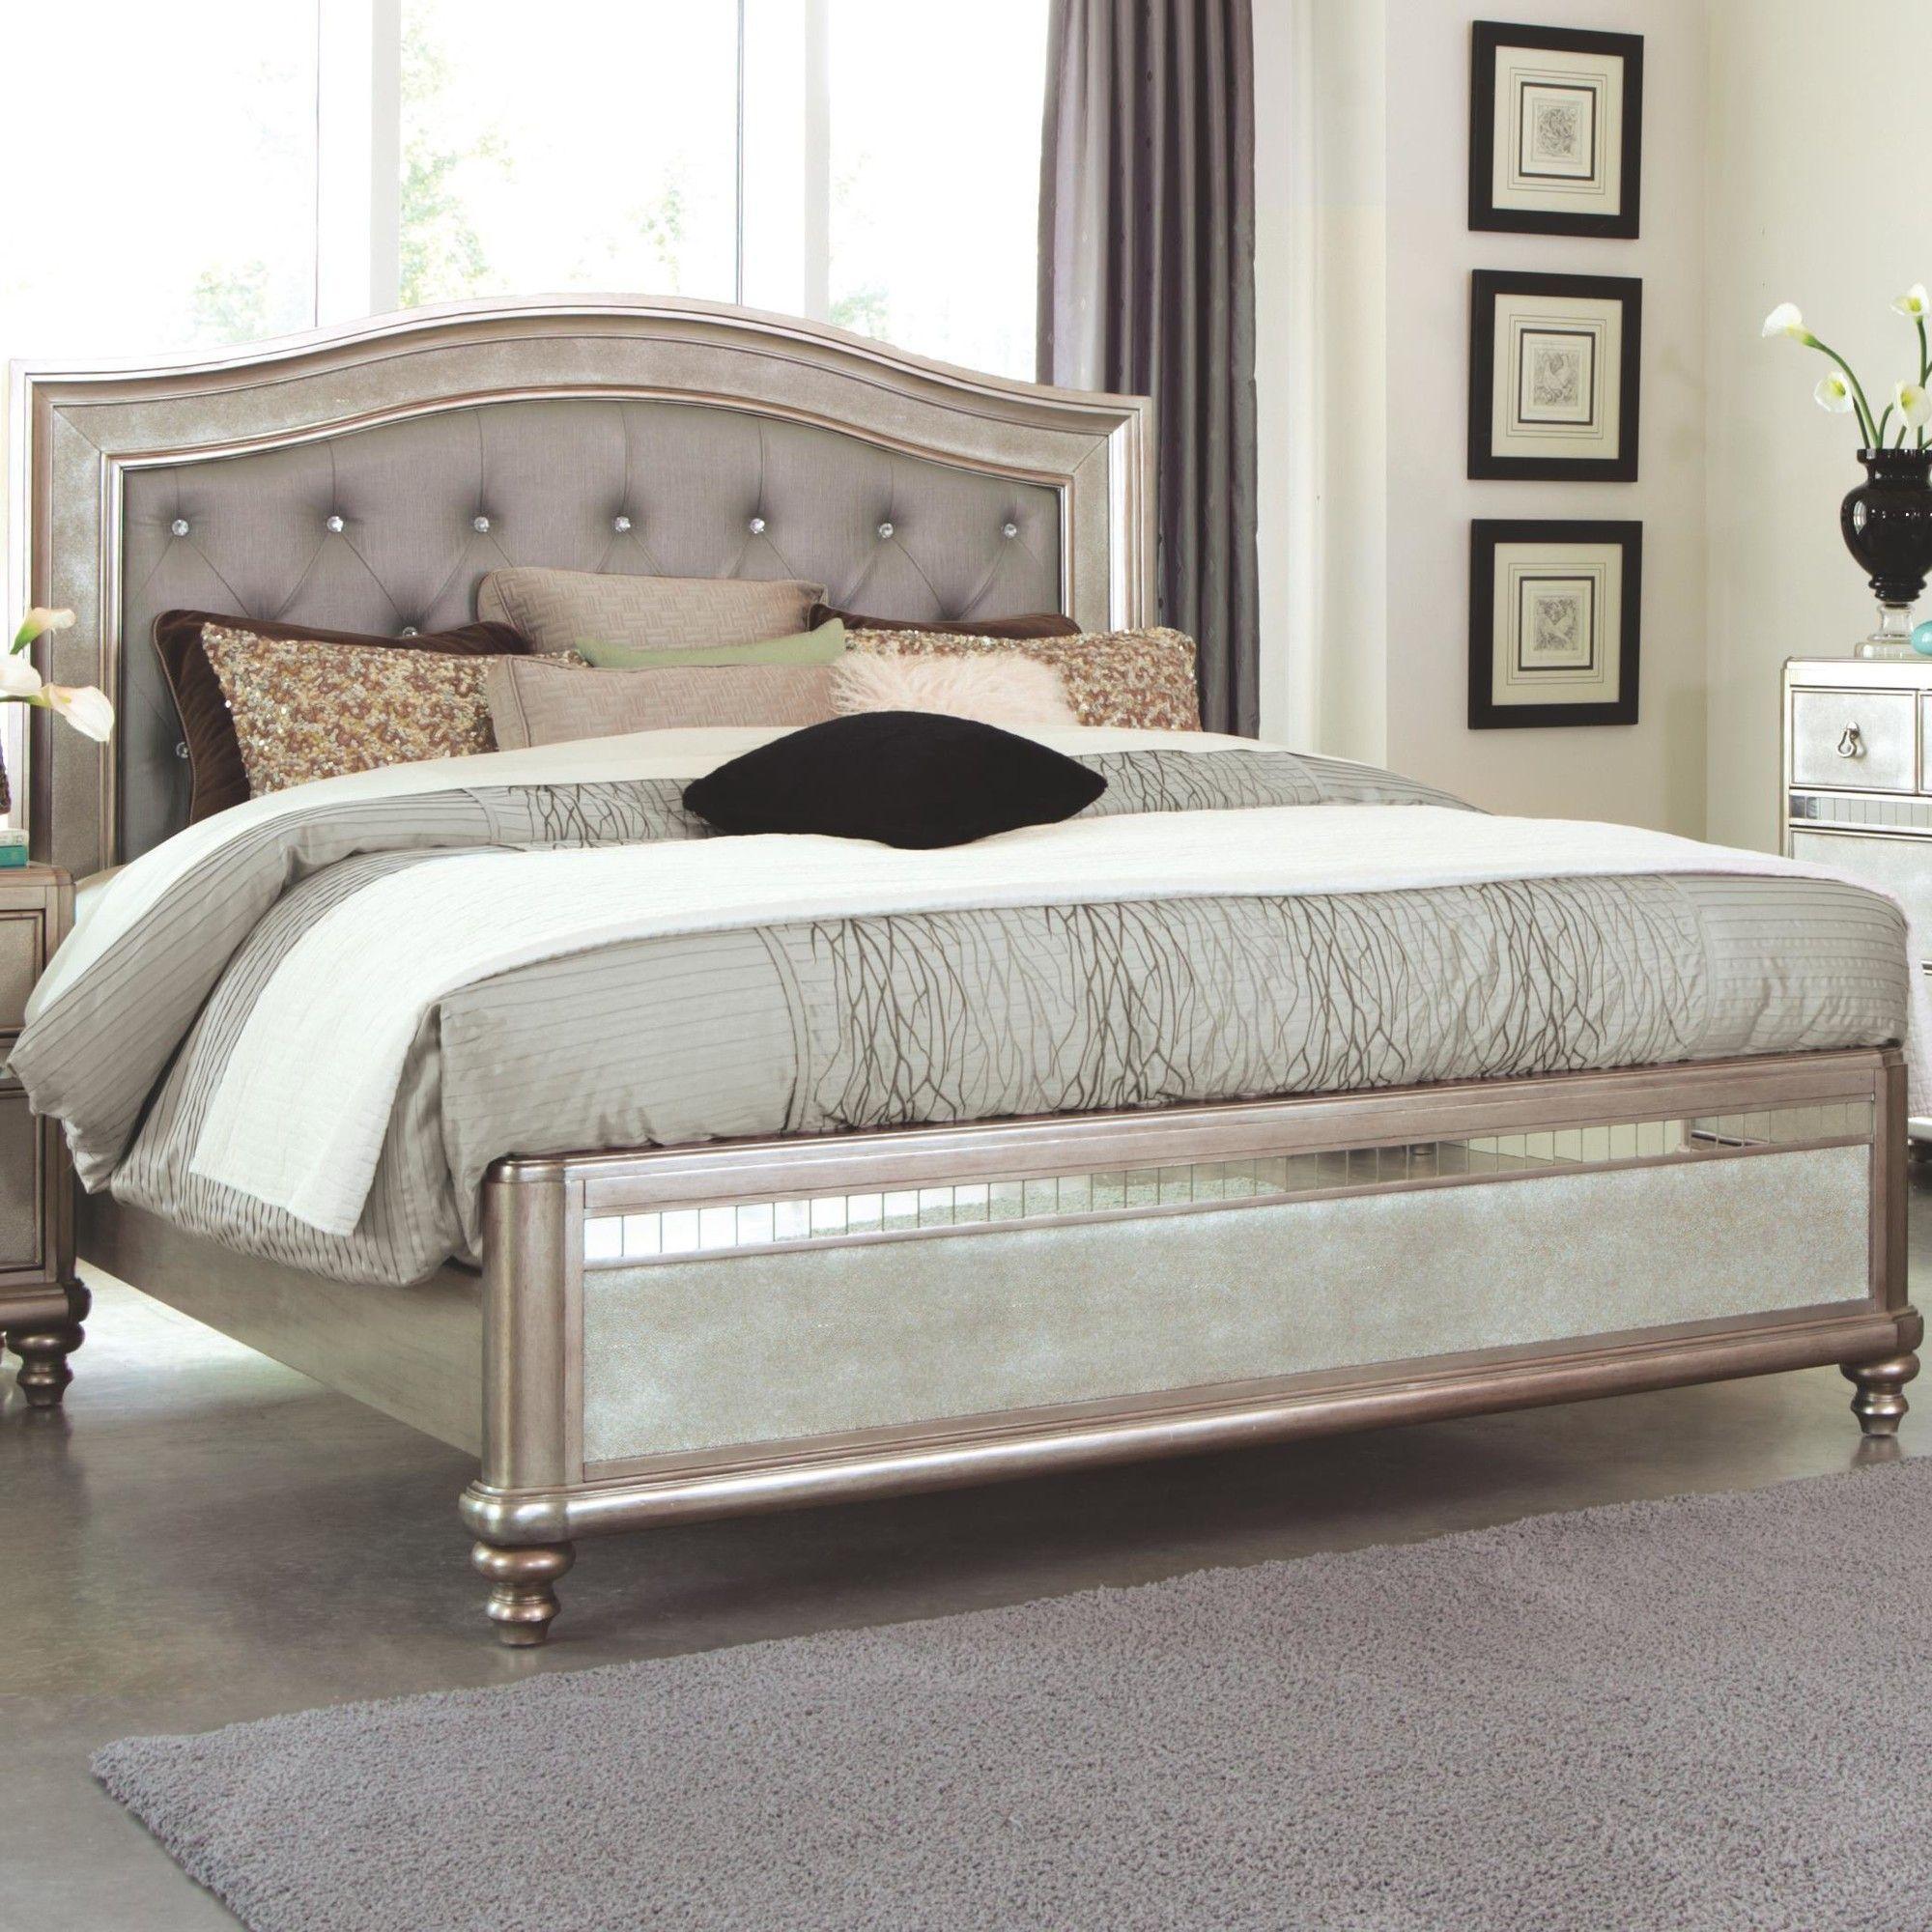 Bling Game Upholstered Platform Bed Bed furniture